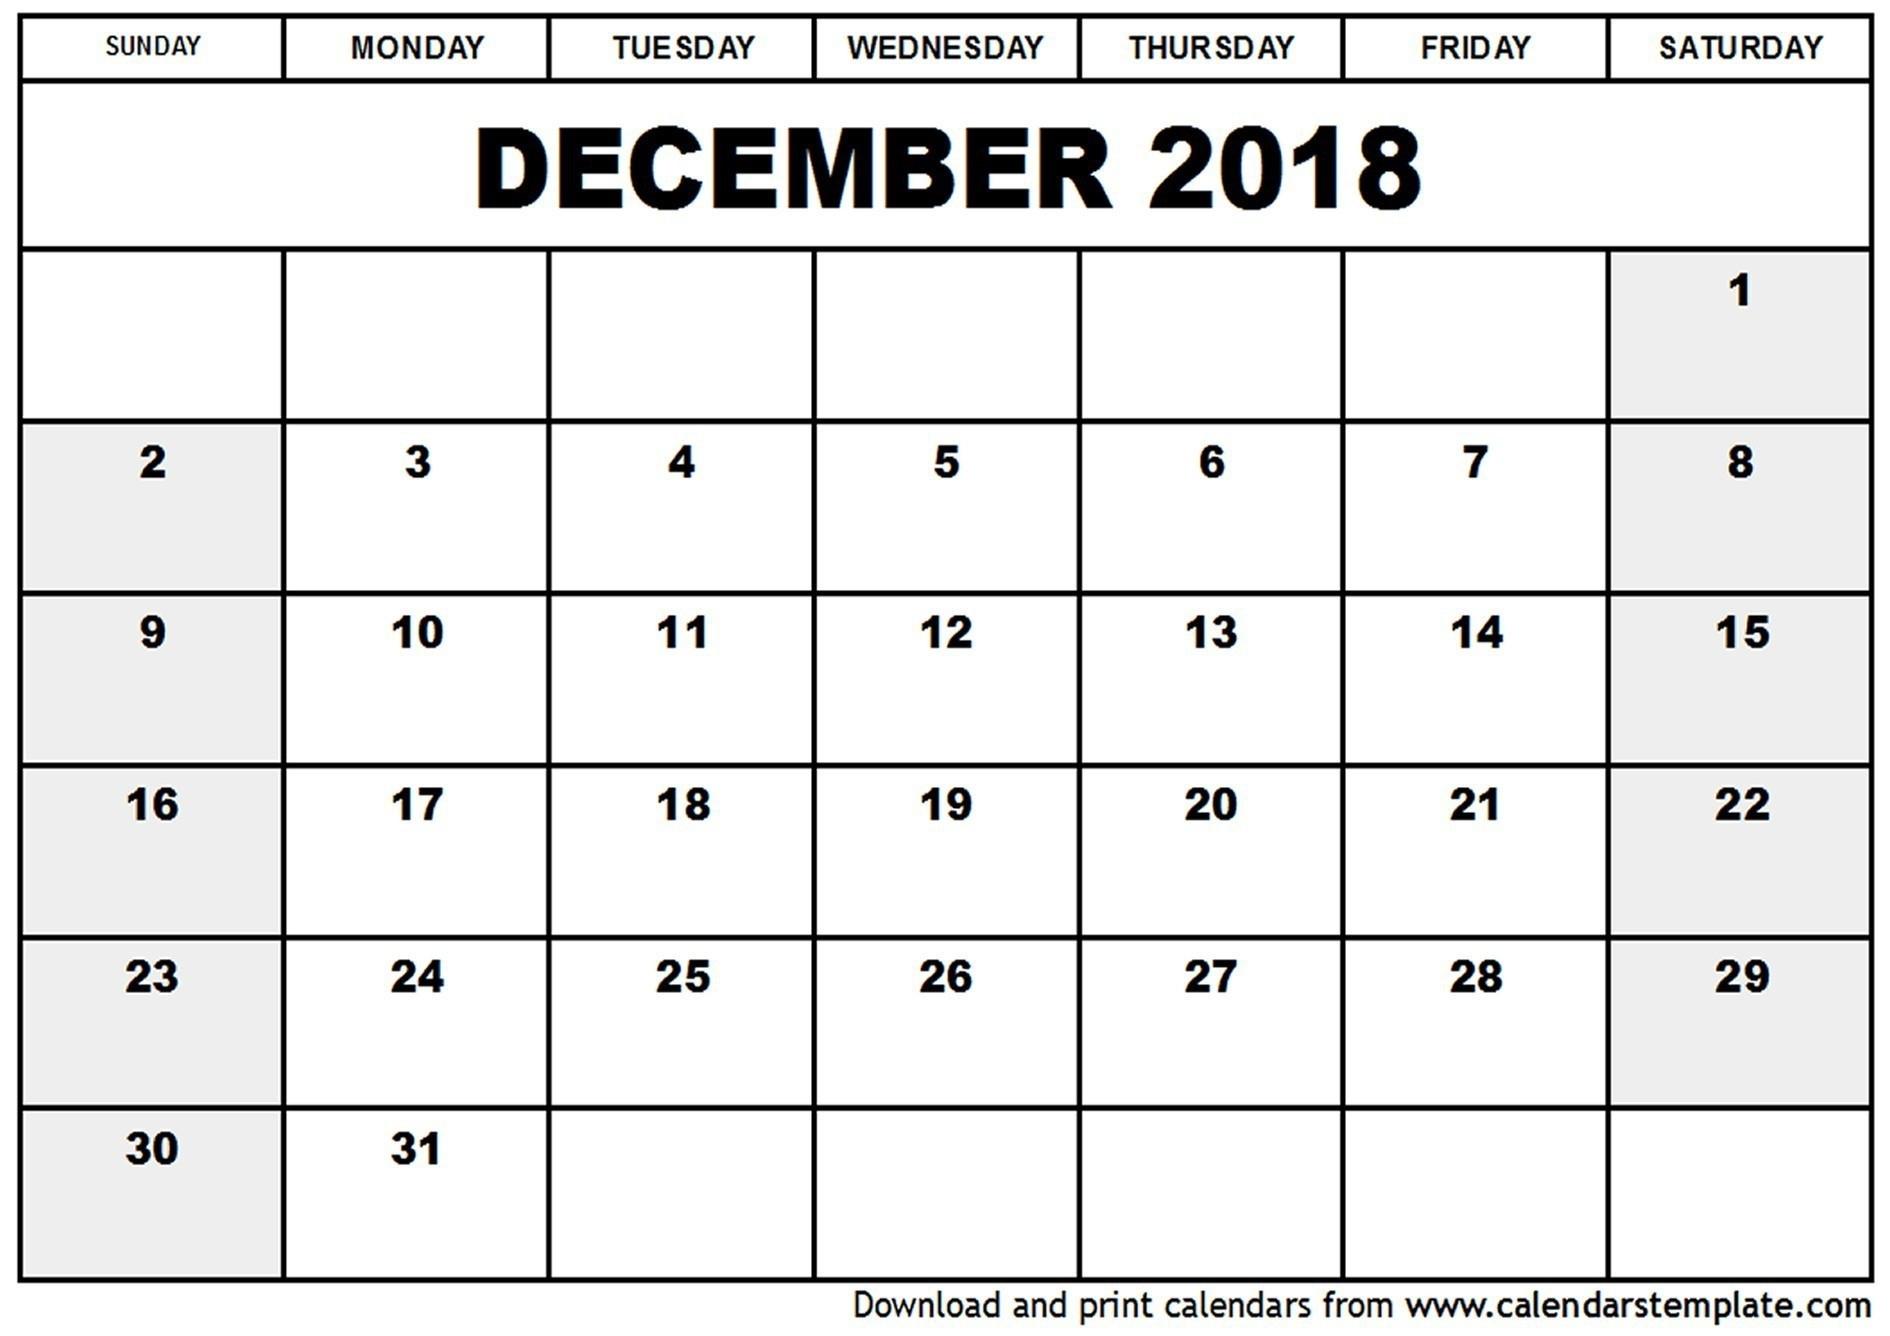 Julian Calendar No Leap Year  Calendar Inspiration Design within Julian Calendar 2018